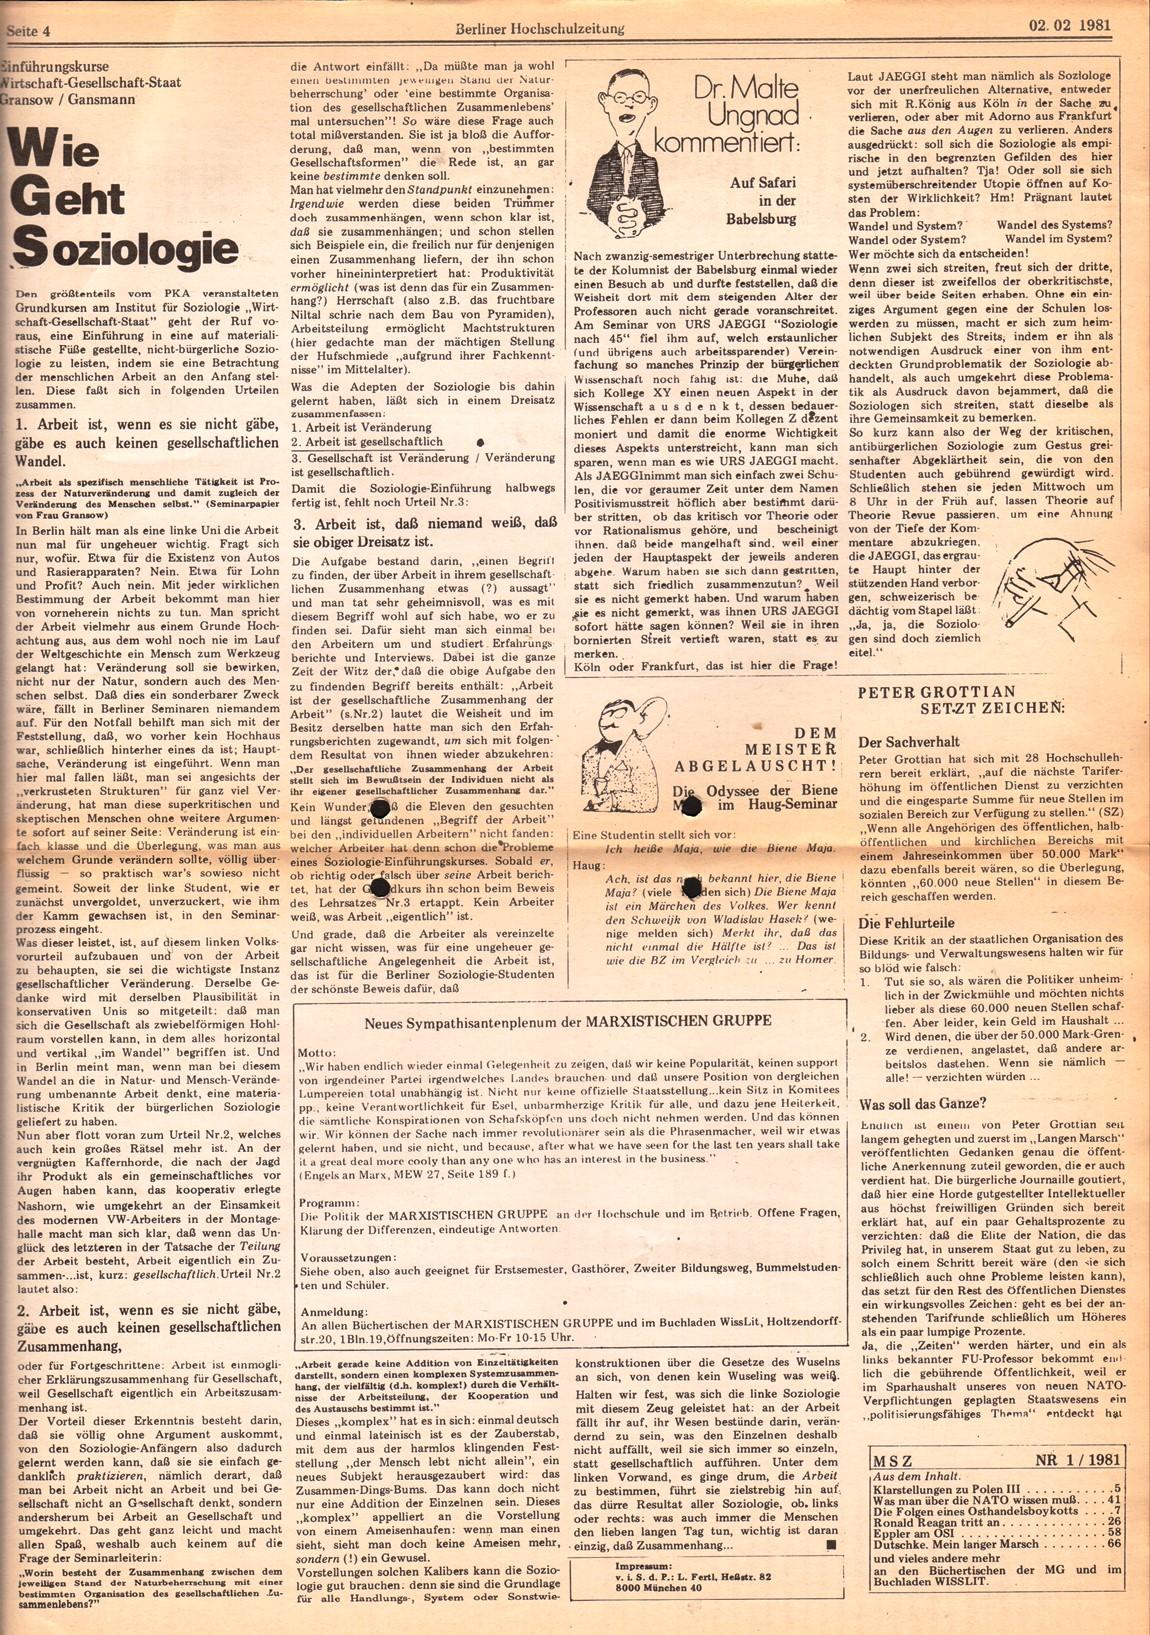 Berlin_MG_Hochschulzeitung_19810202_04